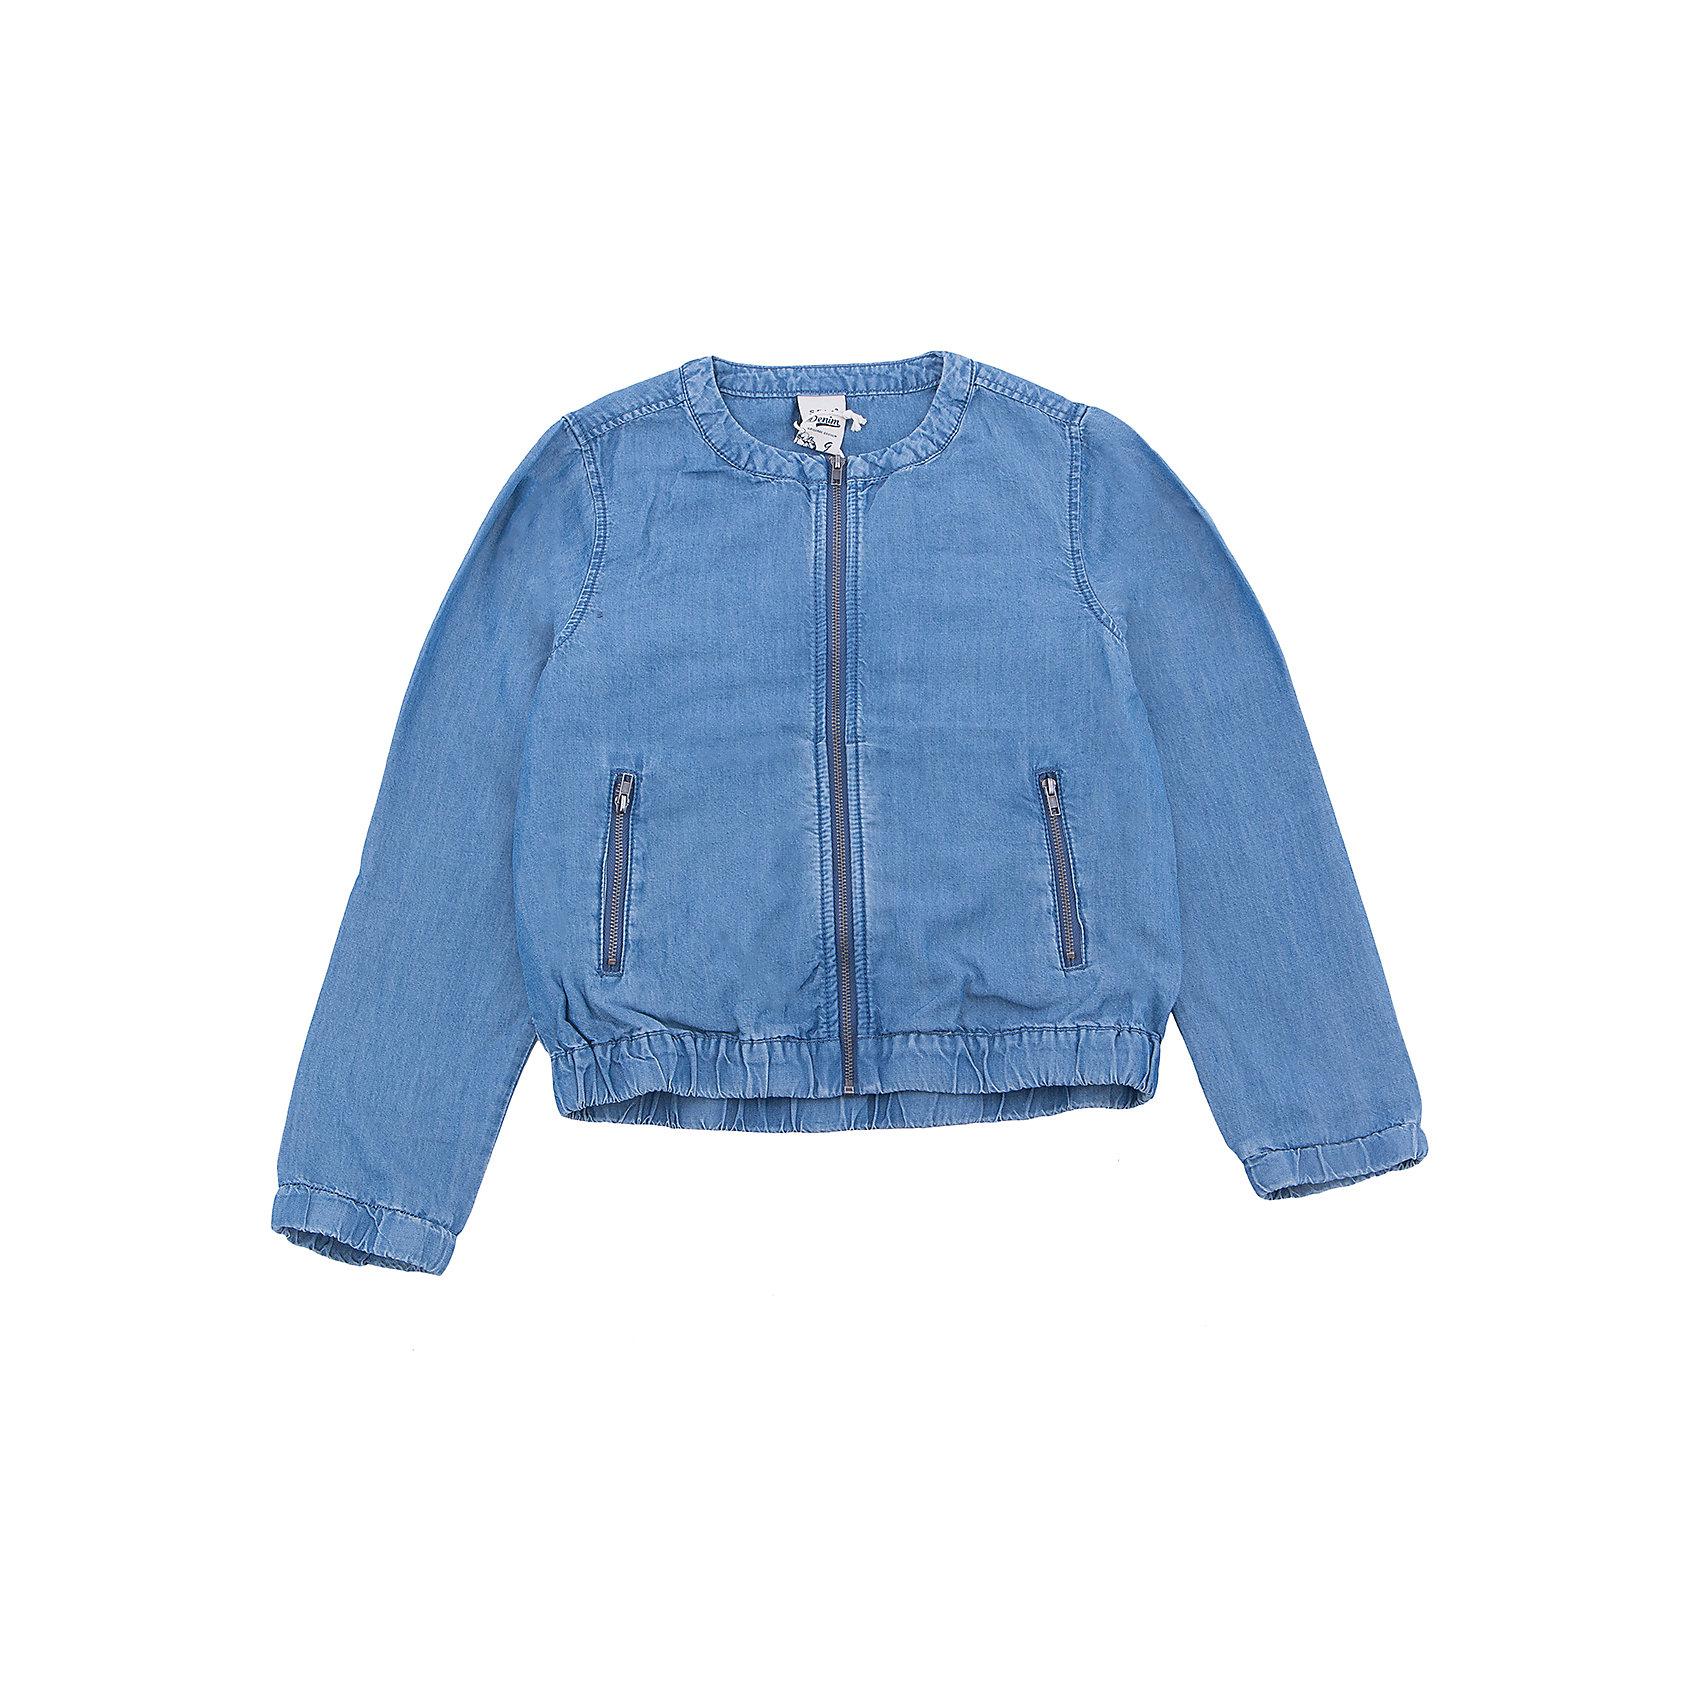 Куртка джинсовая для девочки SELAДжинсовая одежда<br>Характеристики товара:<br><br>• цвет:  синий джинс<br>• сезон: демисезон<br>• состав:  100% ВИС (тенсел)<br>• резинка по низу и в рукавах<br>• карманы<br>• длинные рукава<br>• легкая<br>• молния<br>• страна бренда: Россия<br><br>Вещи из новой коллекции SELA продолжают радовать удобством! Стильная легкая куртка для девочки поможет разнообразить гардероб ребенка и обеспечить комфорт в прохладную погоду. Она отлично сочетается с юбками и брюками. Отличается оригинальной отделкой. <br><br>Одежда, обувь и аксессуары от российского бренда SELA не зря пользуются большой популярностью у детей и взрослых! Модели этой марки - стильные и удобные, цена при этом неизменно остается доступной. Для их производства используются только безопасные, качественные материалы и фурнитура. Новая коллекция поддерживает хорошие традиции бренда! <br><br>Жакет для девочки от популярного бренда SELA (СЕЛА) можно купить в нашем интернет-магазине.<br><br>Ширина мм: 190<br>Глубина мм: 74<br>Высота мм: 229<br>Вес г: 236<br>Цвет: синий джинс<br>Возраст от месяцев: 72<br>Возраст до месяцев: 84<br>Пол: Женский<br>Возраст: Детский<br>Размер: 122,128,134,140,146,152,116<br>SKU: 5305700